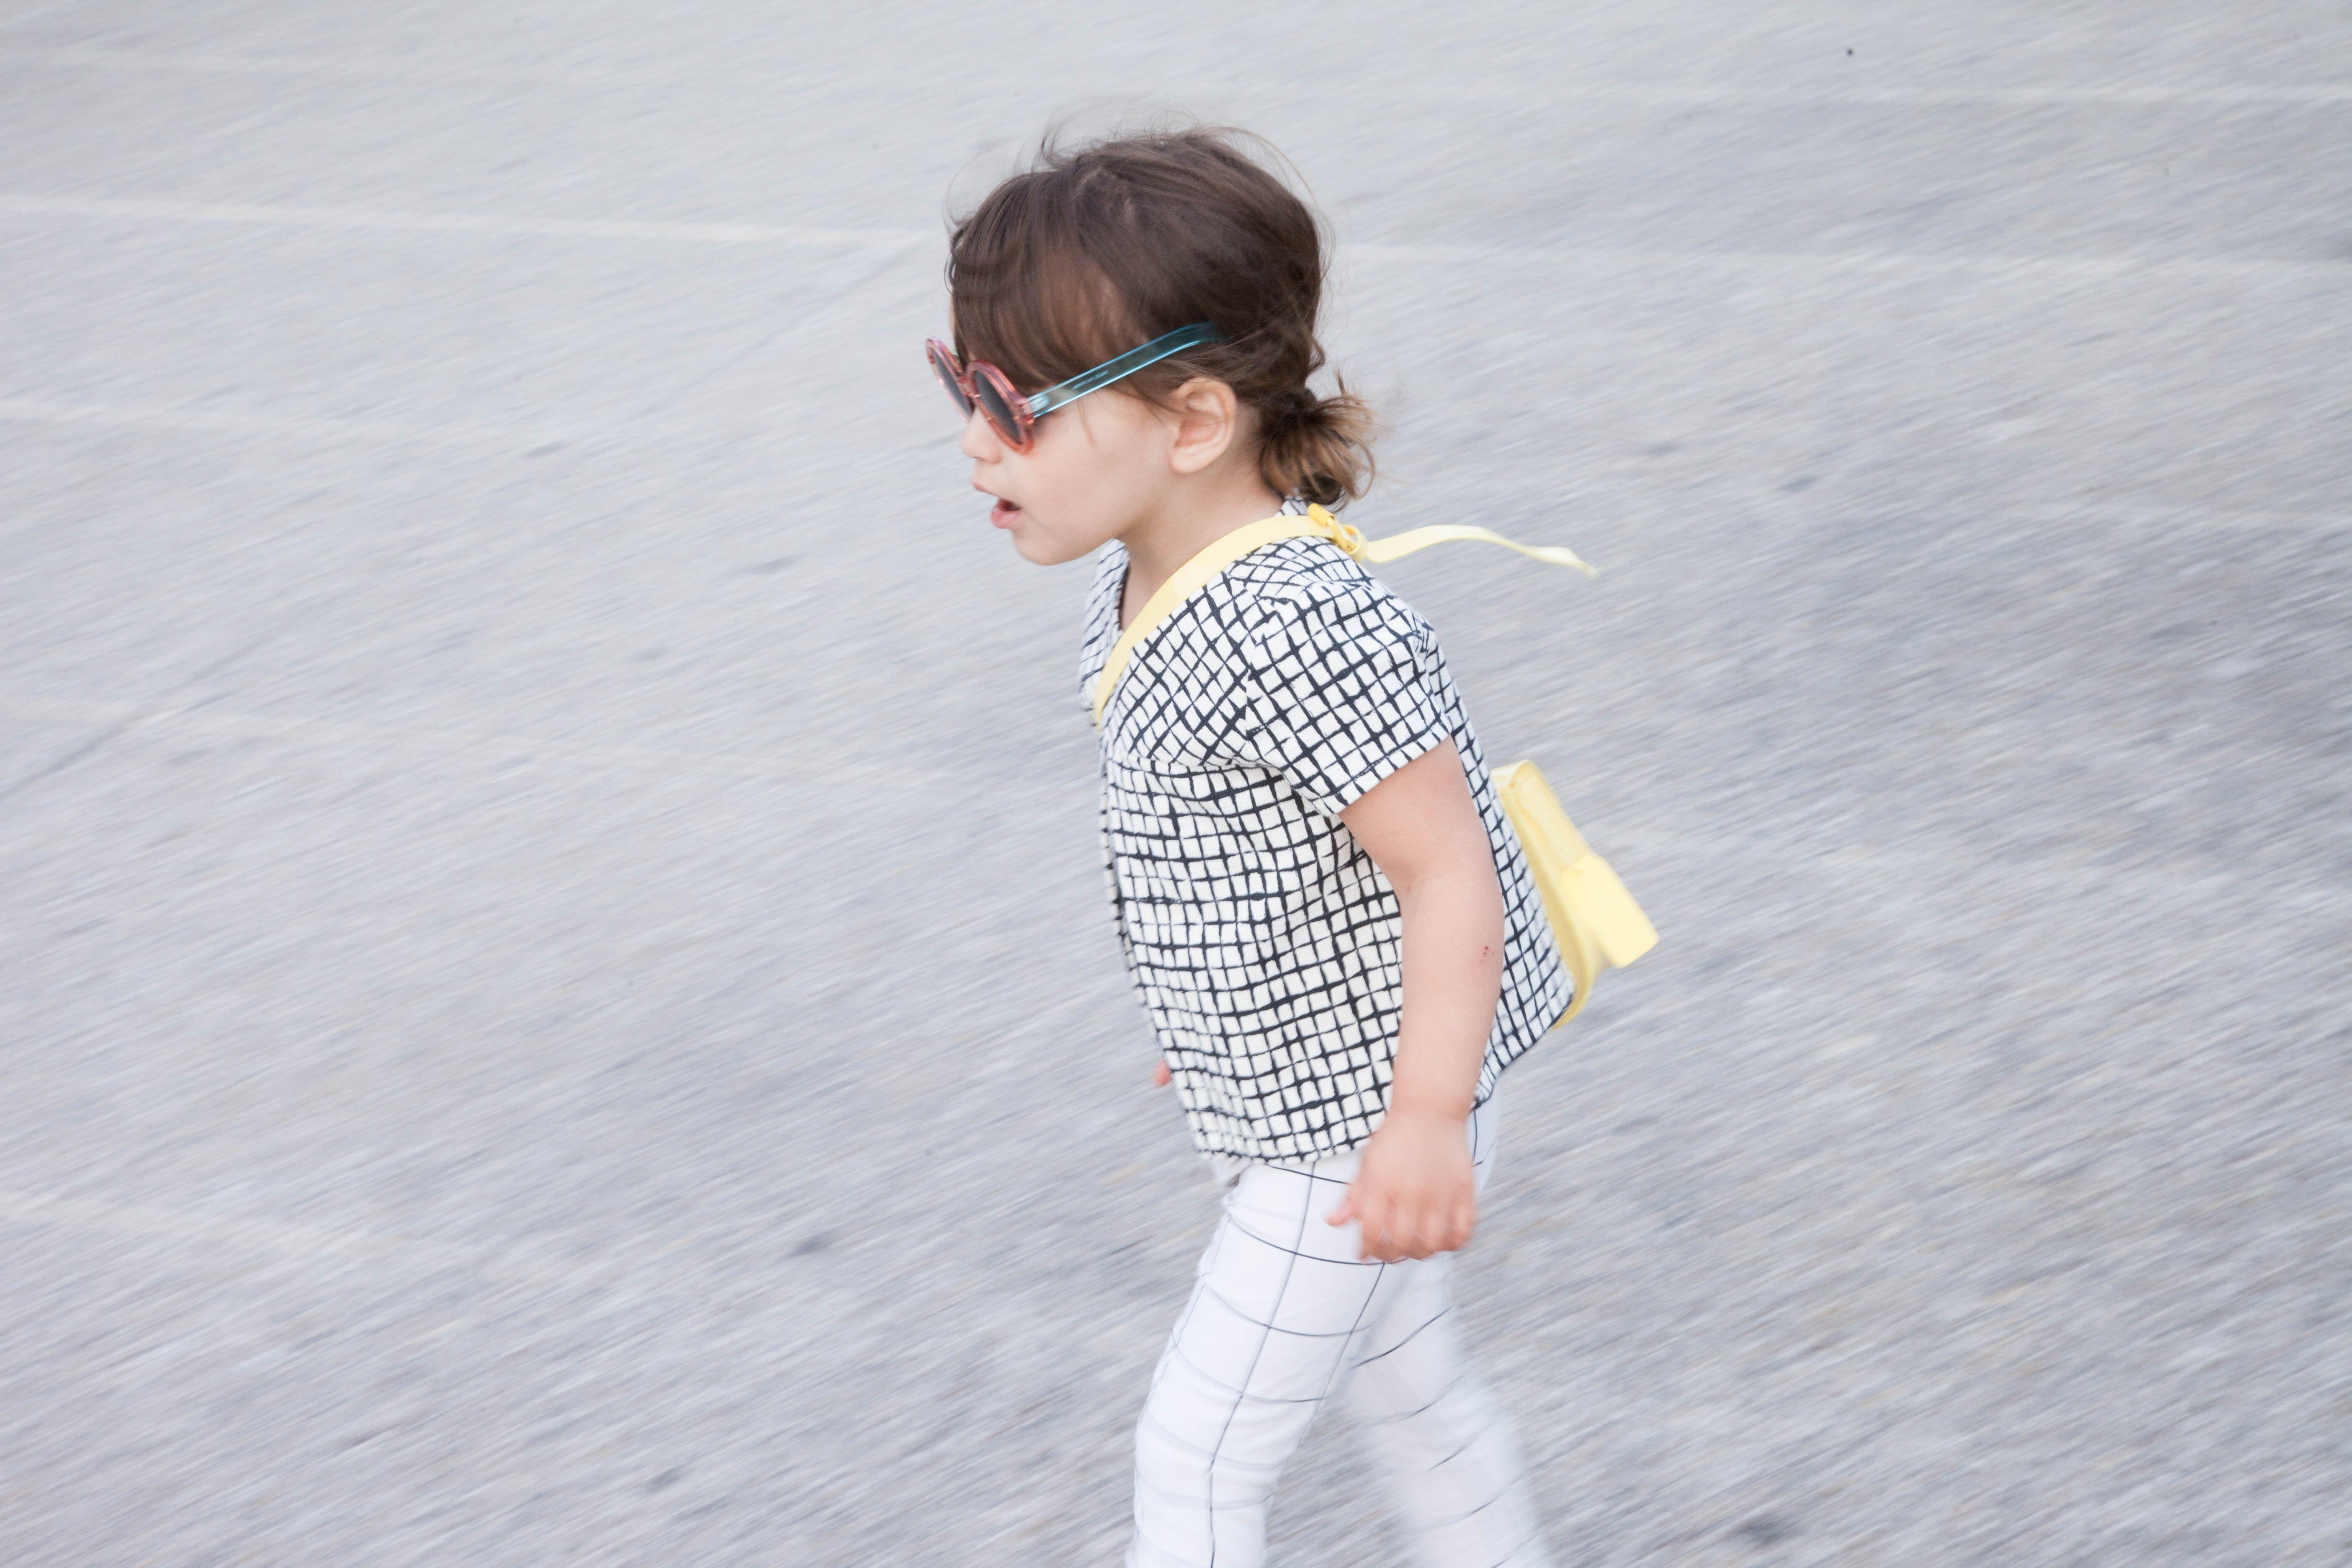 Gautier Broek - Diapers and Milk online - Winter Collection 2015 - Baby Kids Teens Webshop Goldfish.be